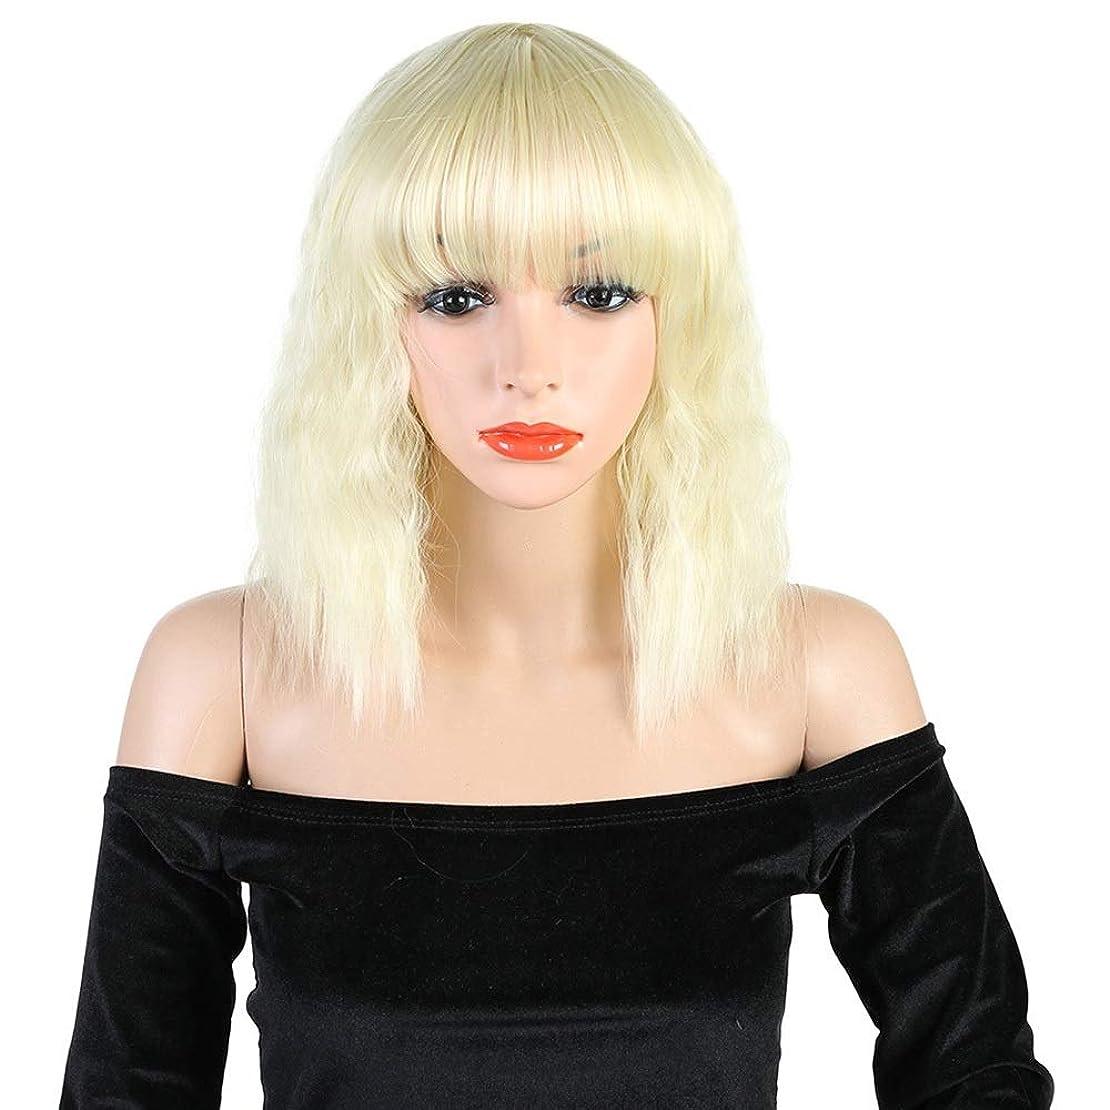 昨日ウェイター問い合わせるYAHONGOE 女性のためのボブウィッグ中央部オンブルブロンドかつらショートボブ髪かつら高品質14インチパーティーかつら (色 : Blonde)